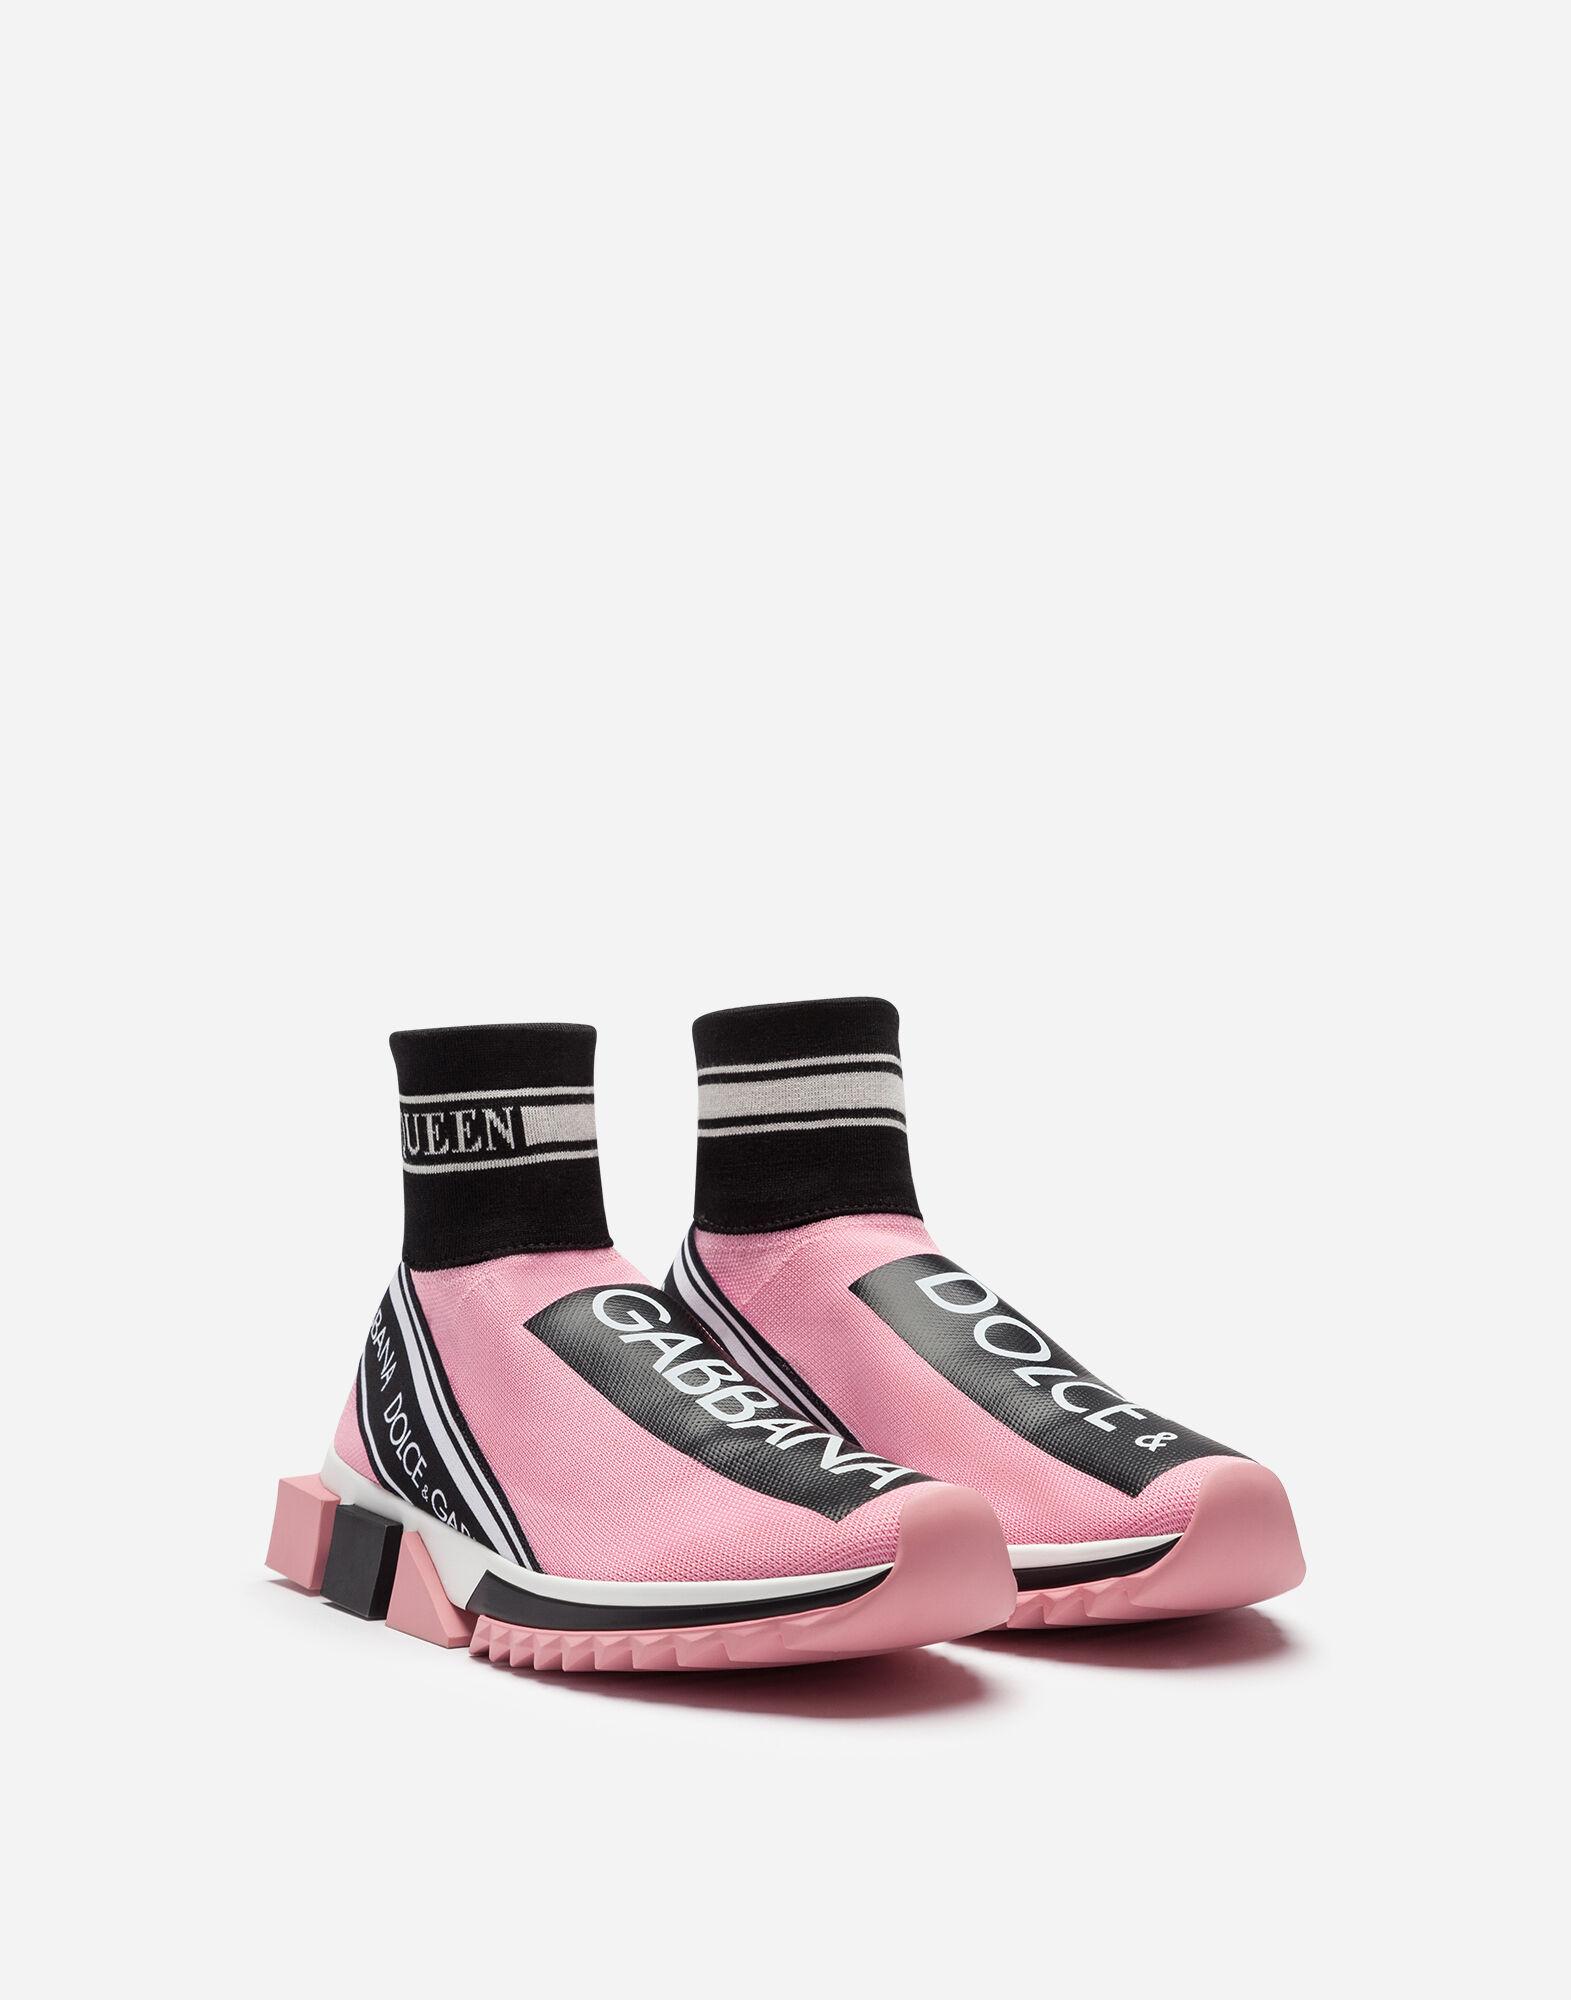 Sneakers für Damen | Dolce&Gabbana KNÖCHELHOHE SNEAKER SORRENTO AUS STRICKSTRETCH MIT LOGO